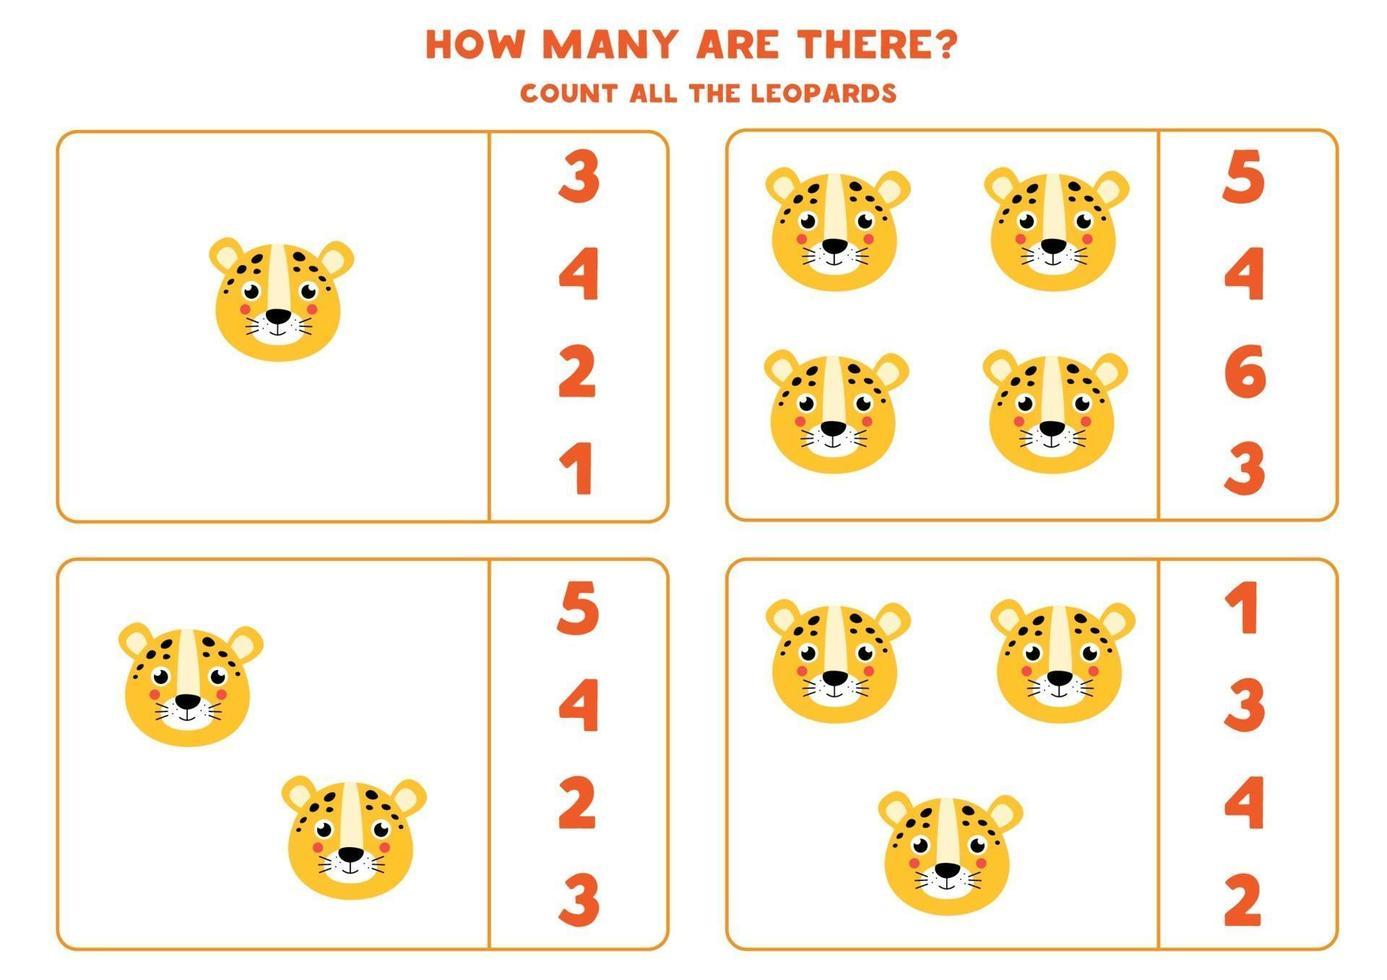 tellen spel voor kinderen. wiskunde spel met cartoon luipaard gezichten. vector